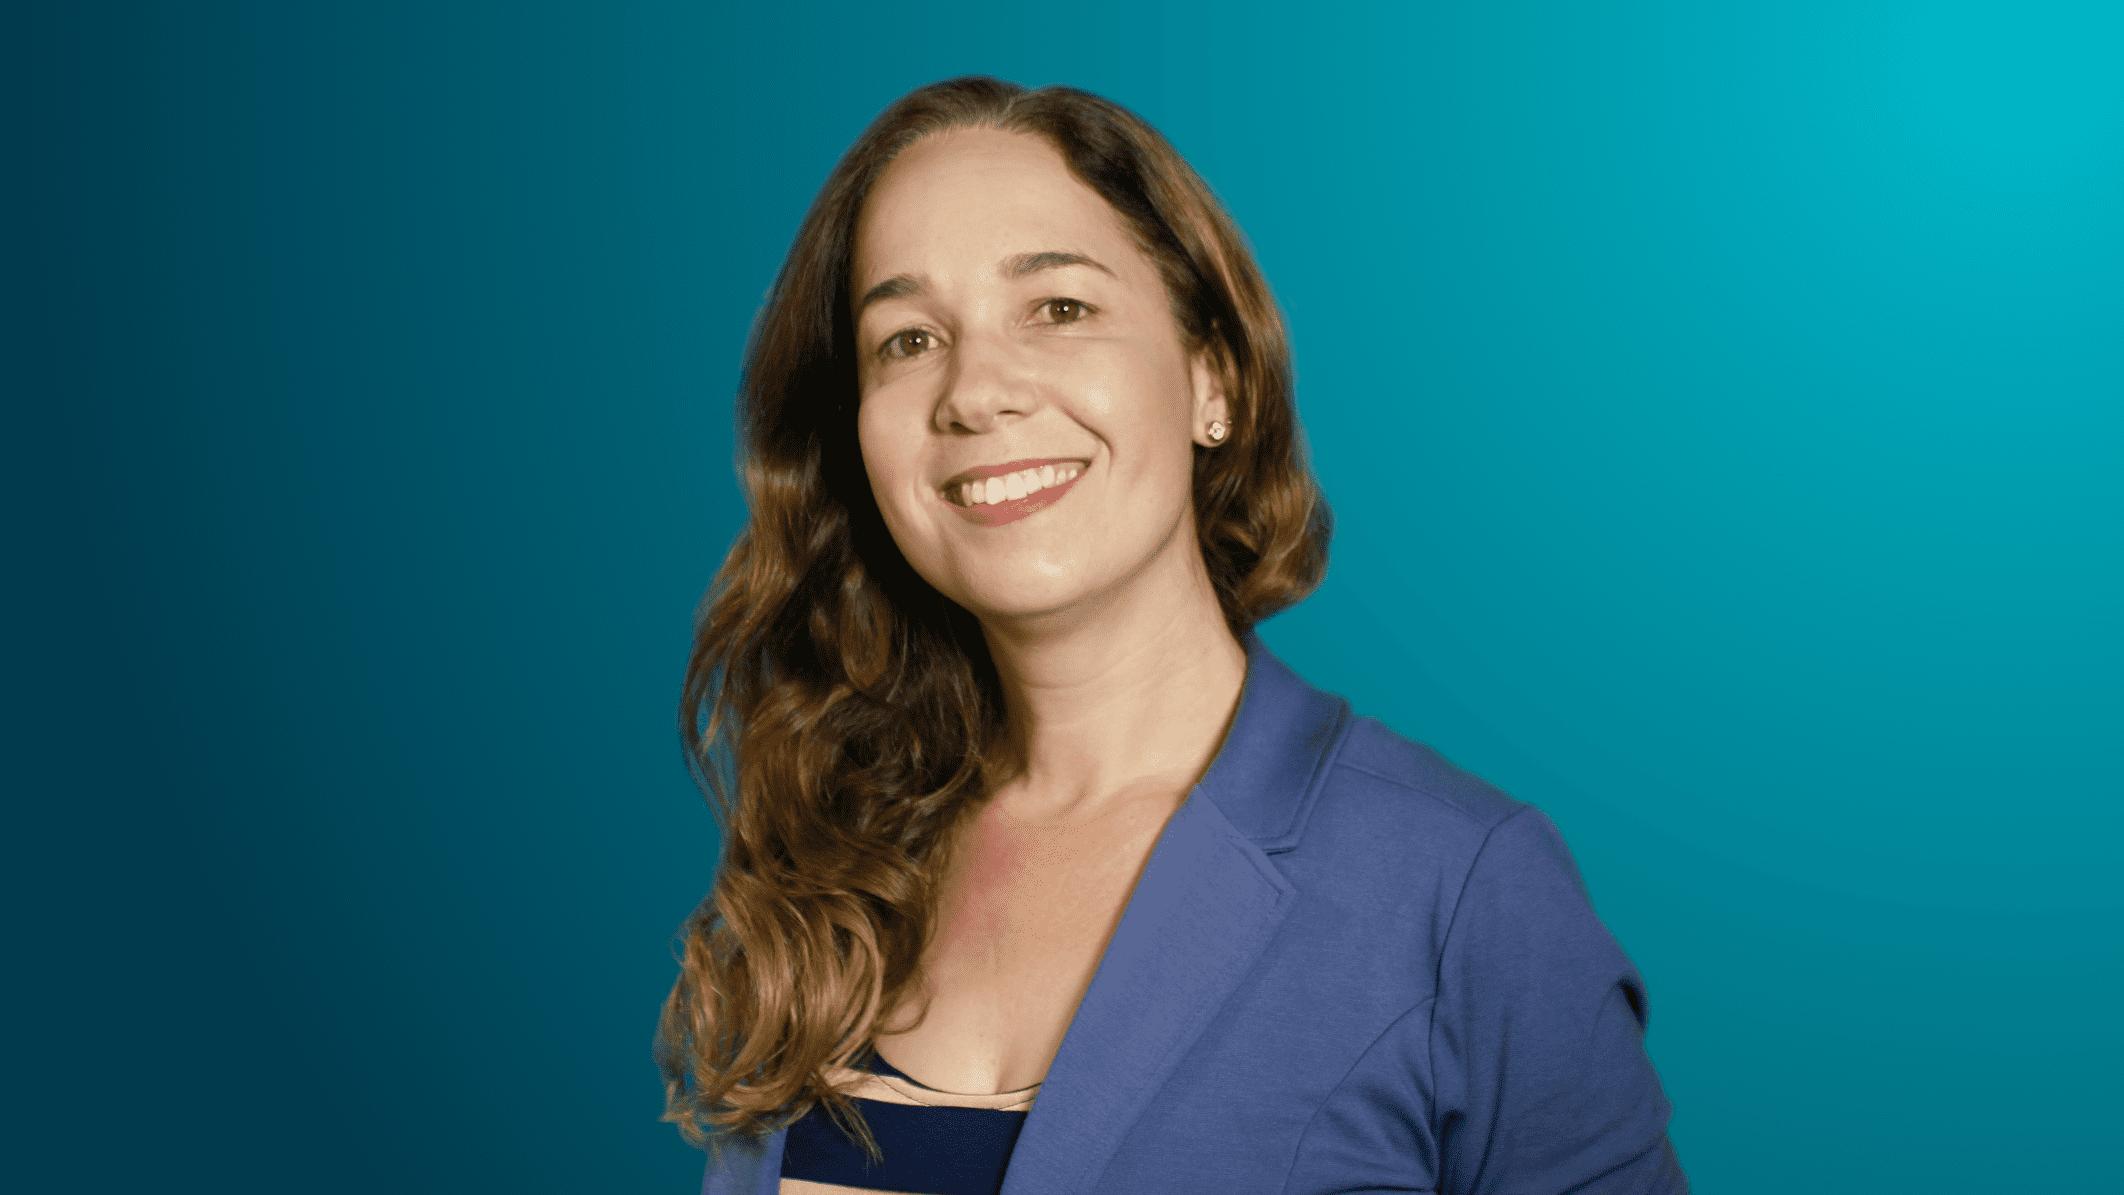 Erica Peroni